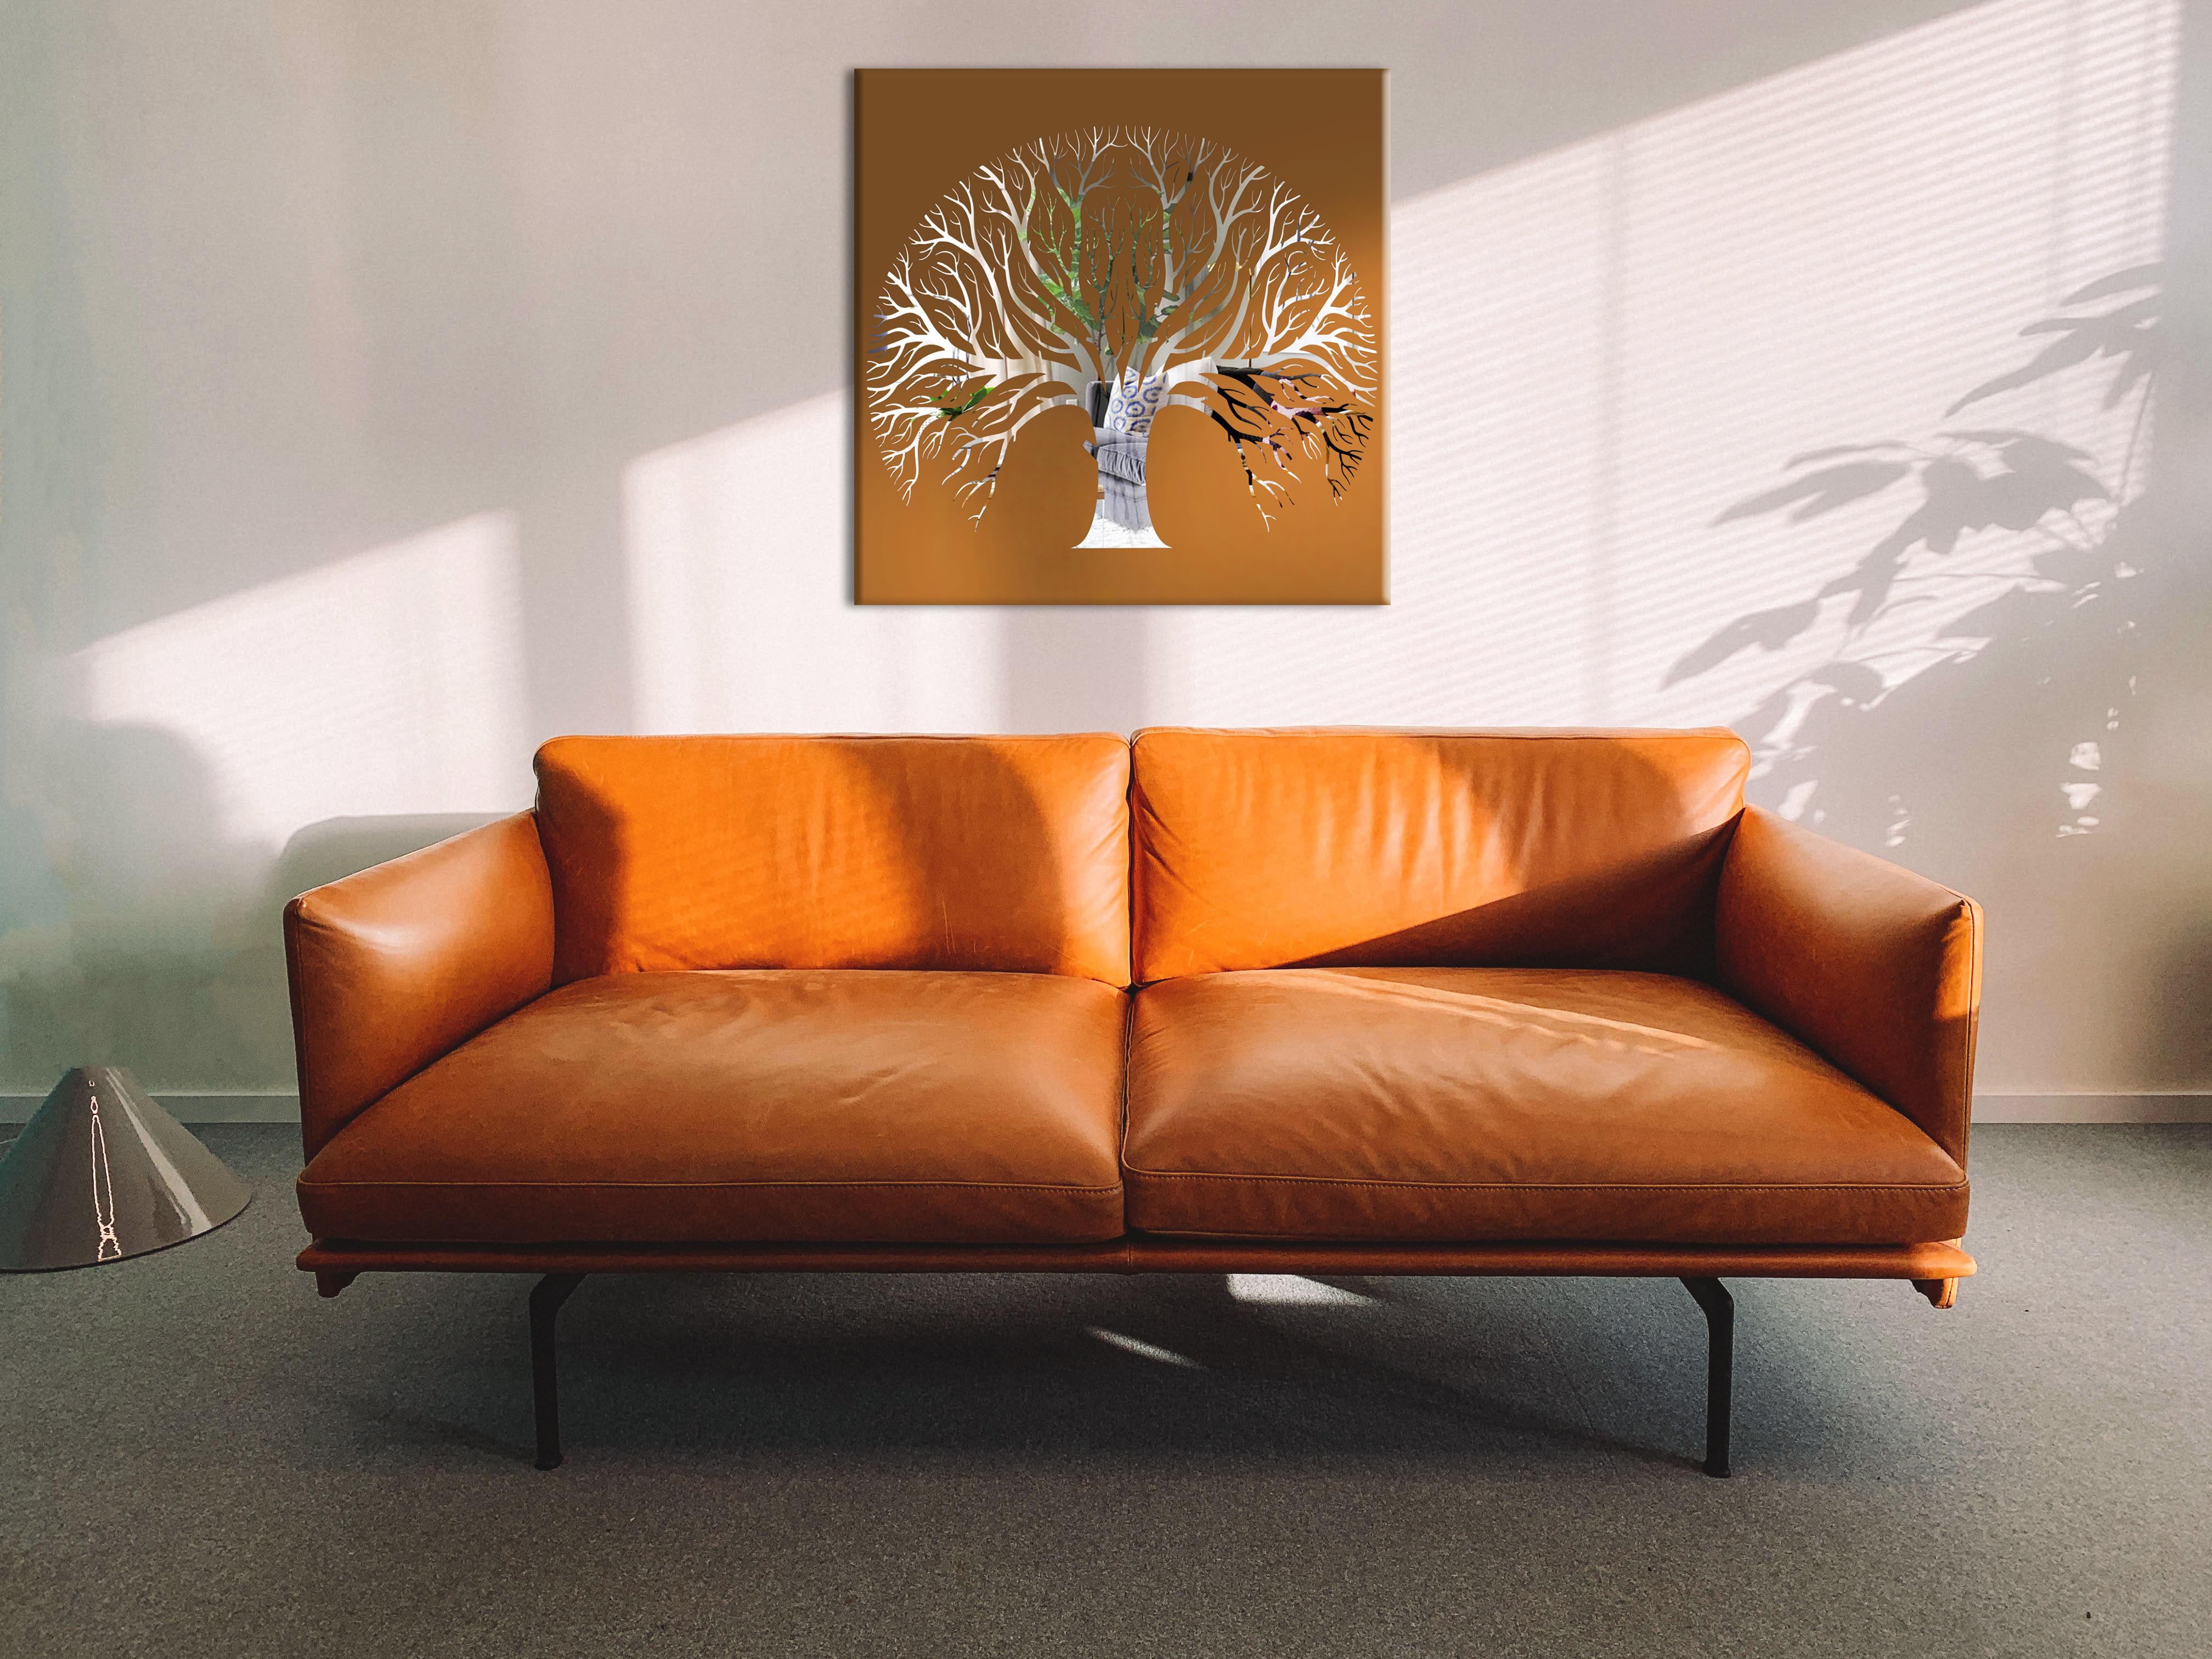 Obraz Hnedý Strom na zrkadle Mirrora 60 - 50x50 cm (Obrazy Mirrora)